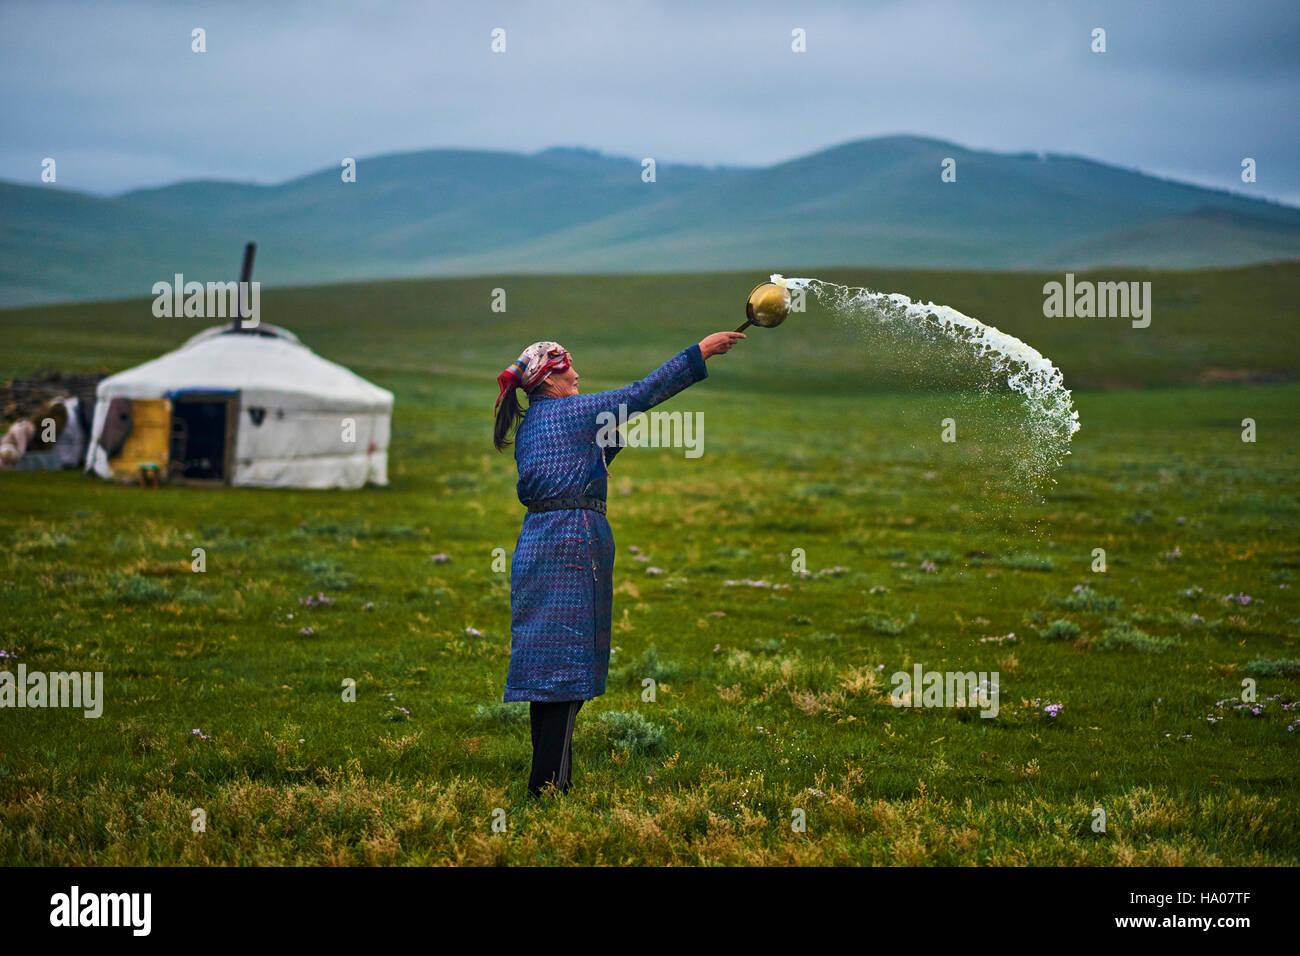 Mongolei, Provinz Arkhangai, Nomad Frau eine Darbringung, Tengri, der Geist des Himmels Stockbild